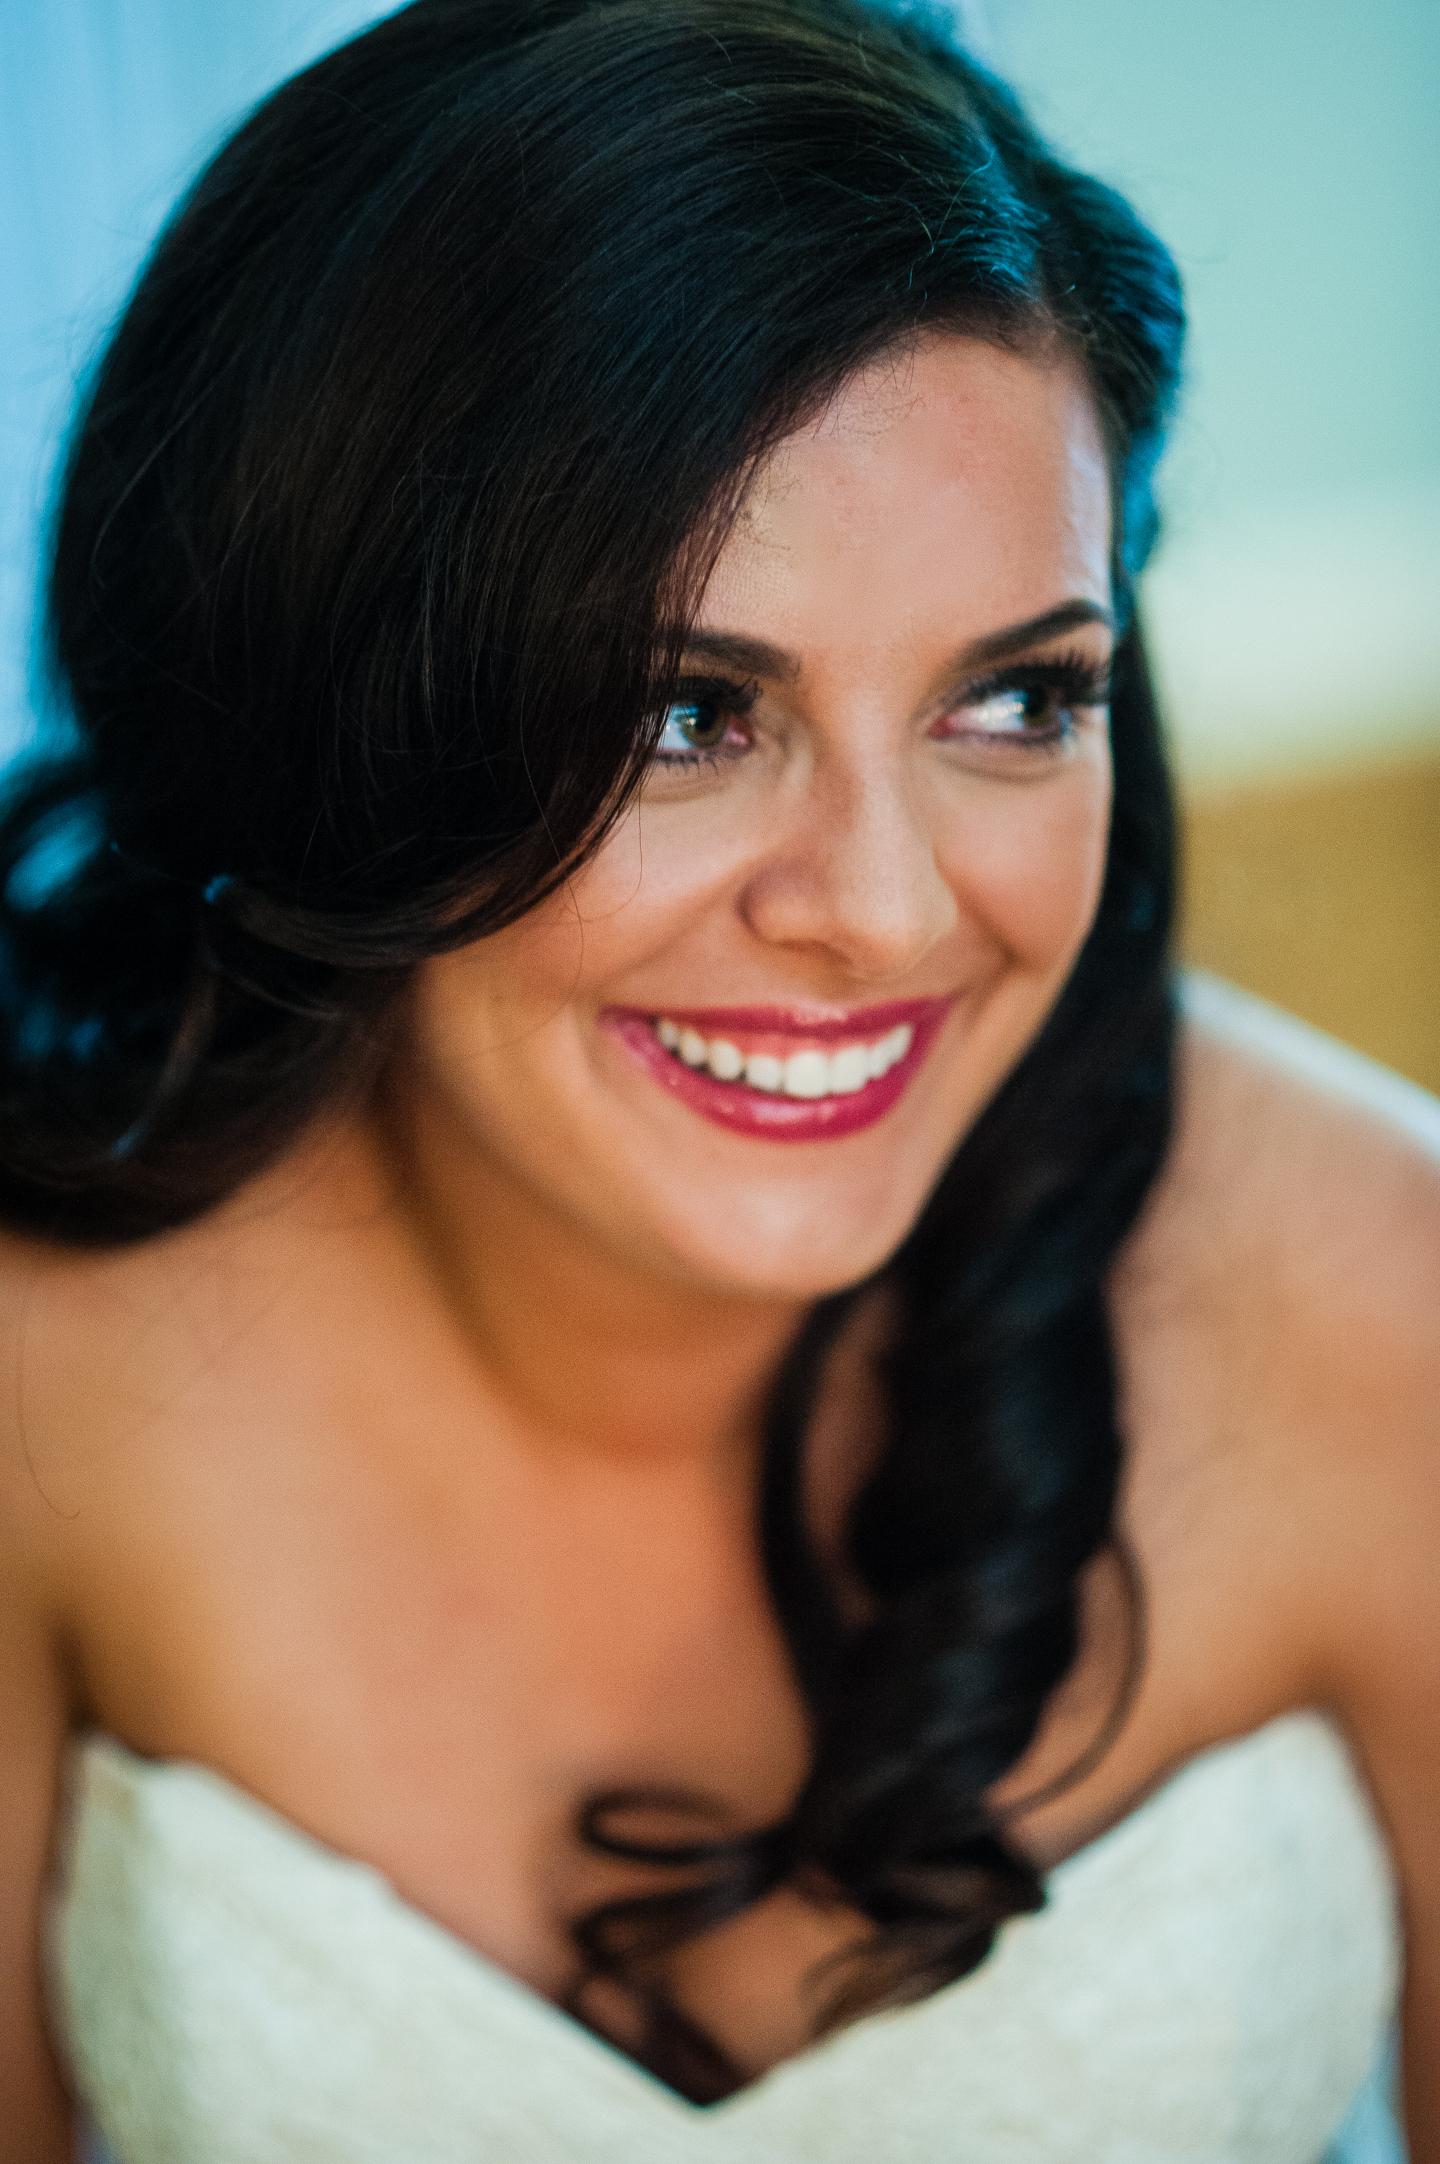 beautiful bride smiling at her bridesmaids